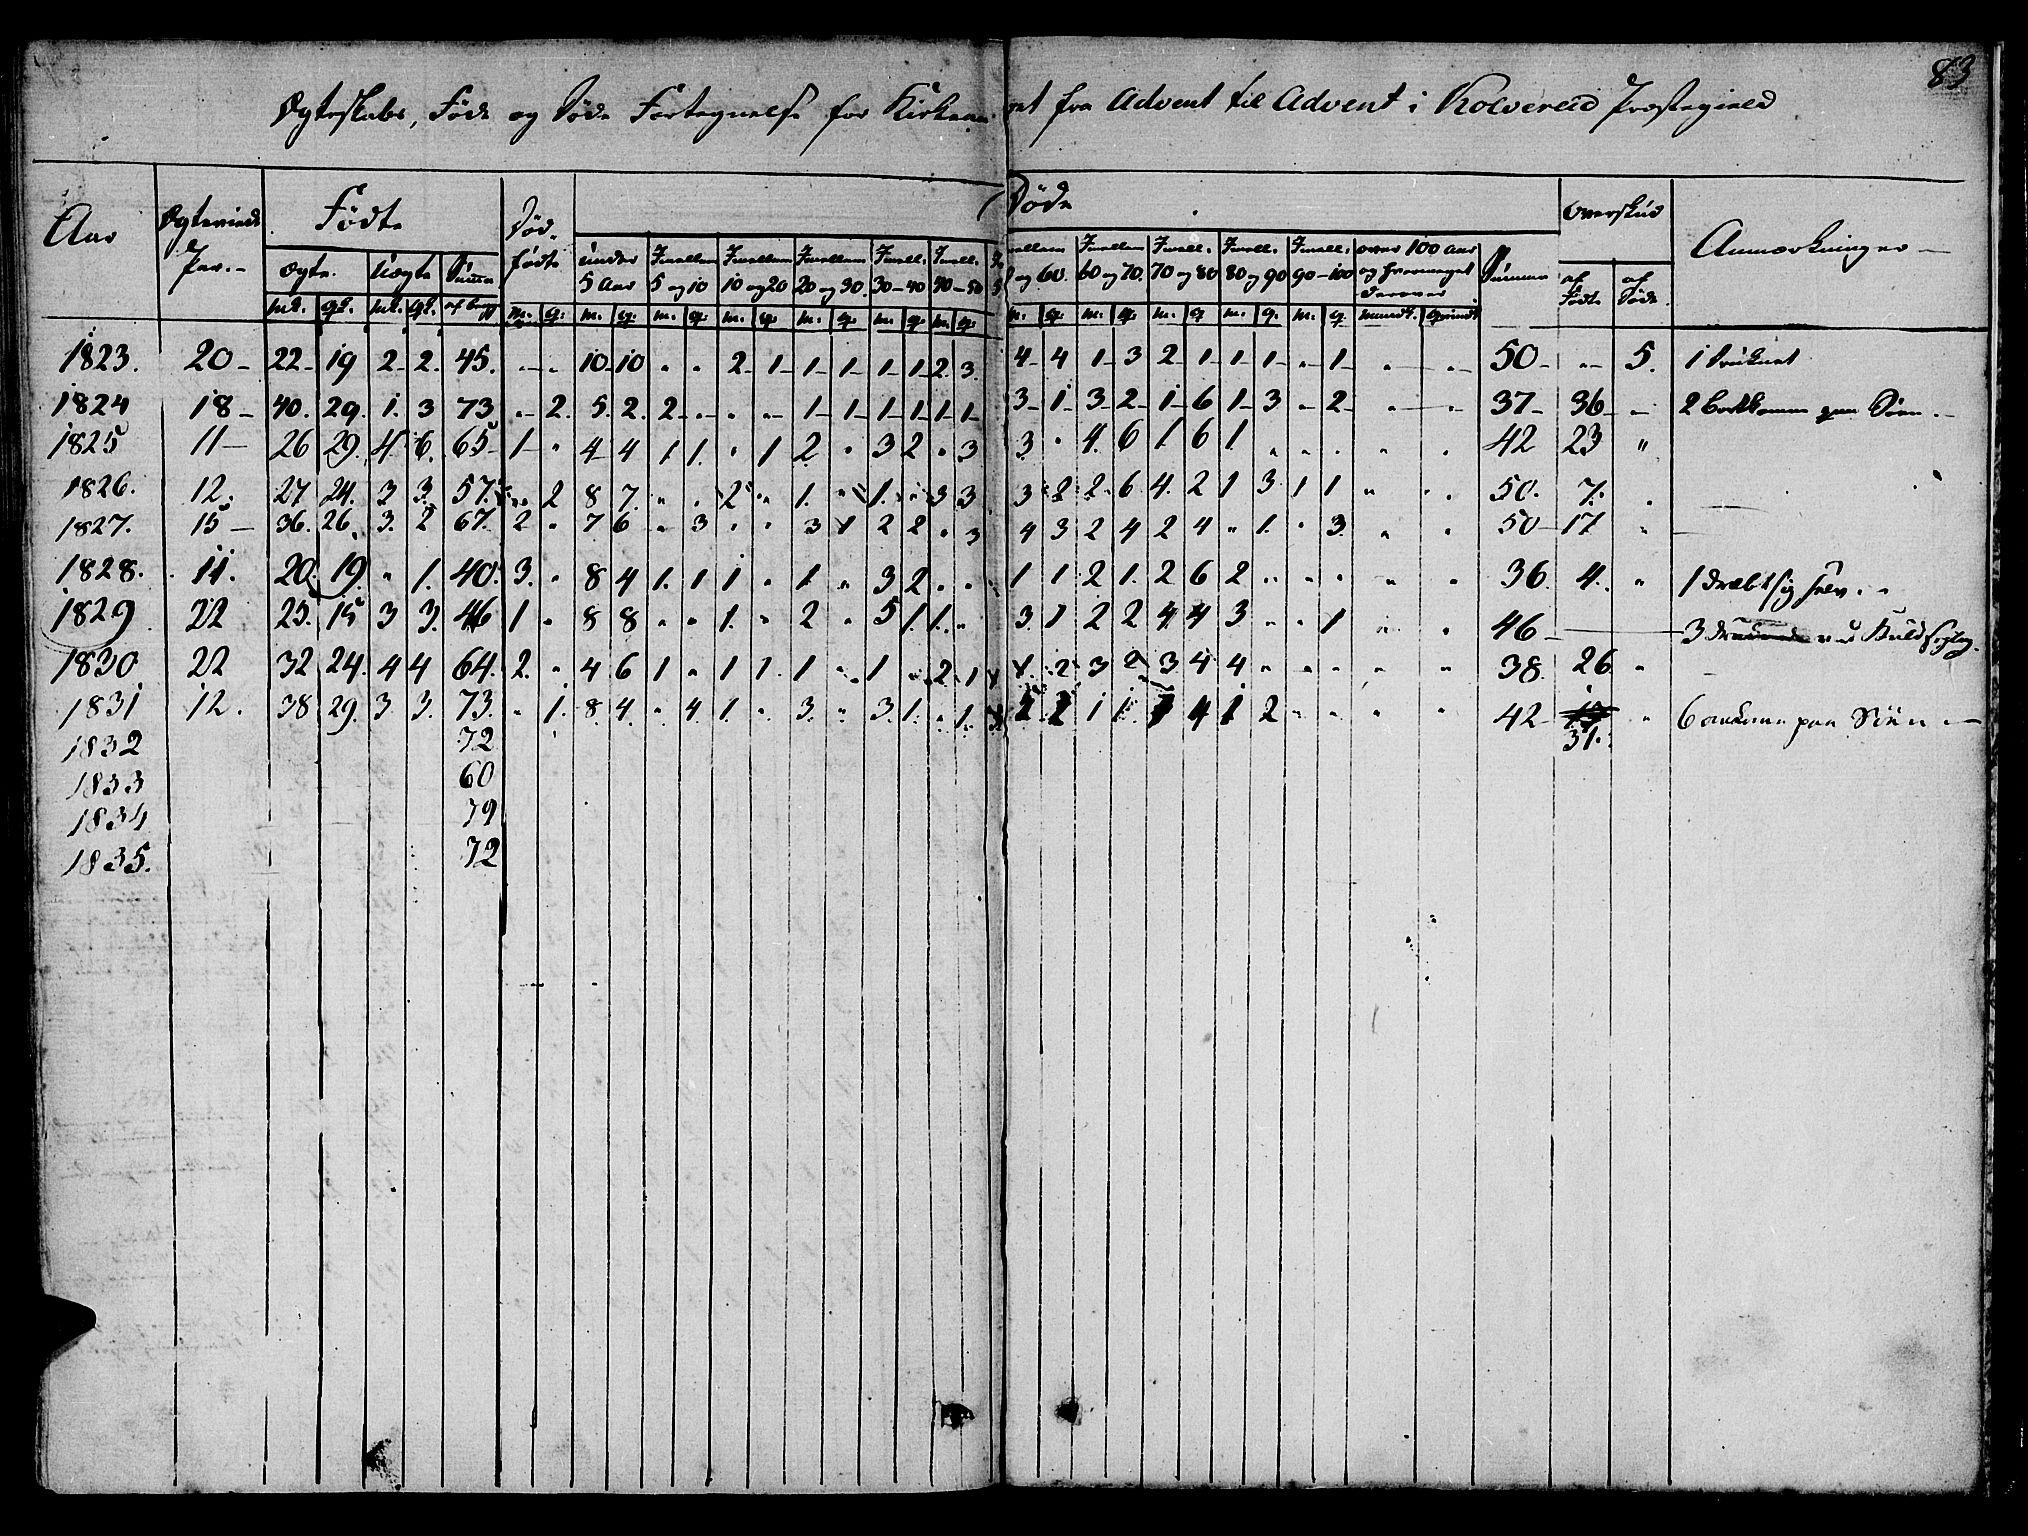 SAT, Ministerialprotokoller, klokkerbøker og fødselsregistre - Nord-Trøndelag, 780/L0633: Ministerialbok nr. 780A02 /1, 1787-1814, s. 83